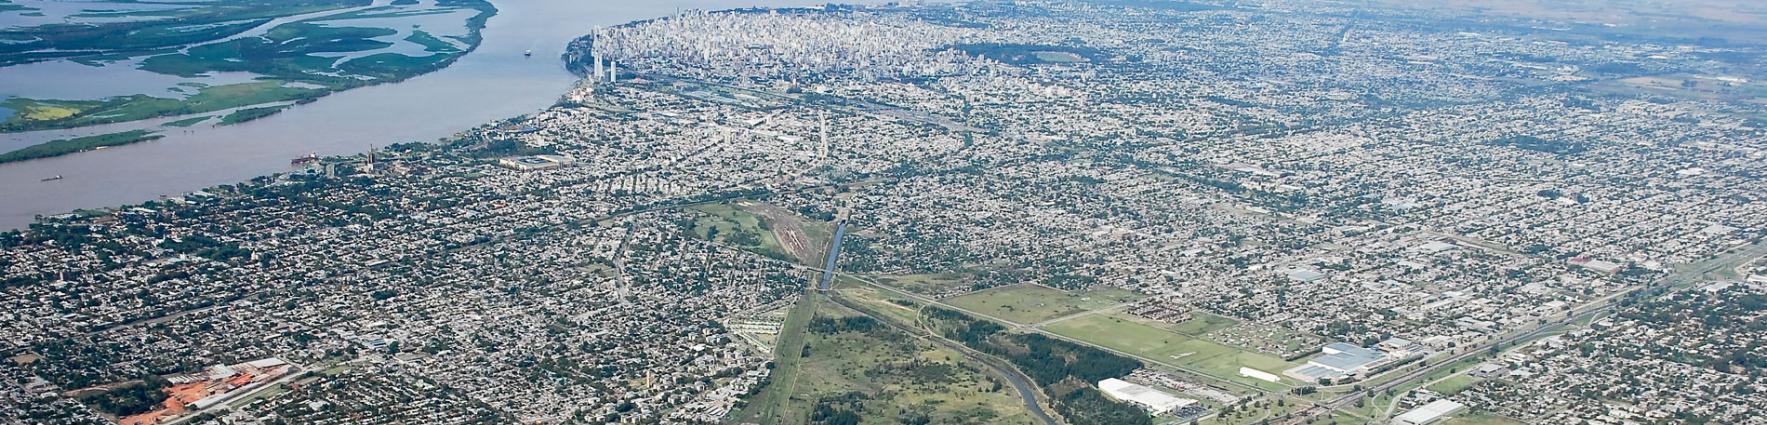 Vista aerea de rosario y area metropolitana